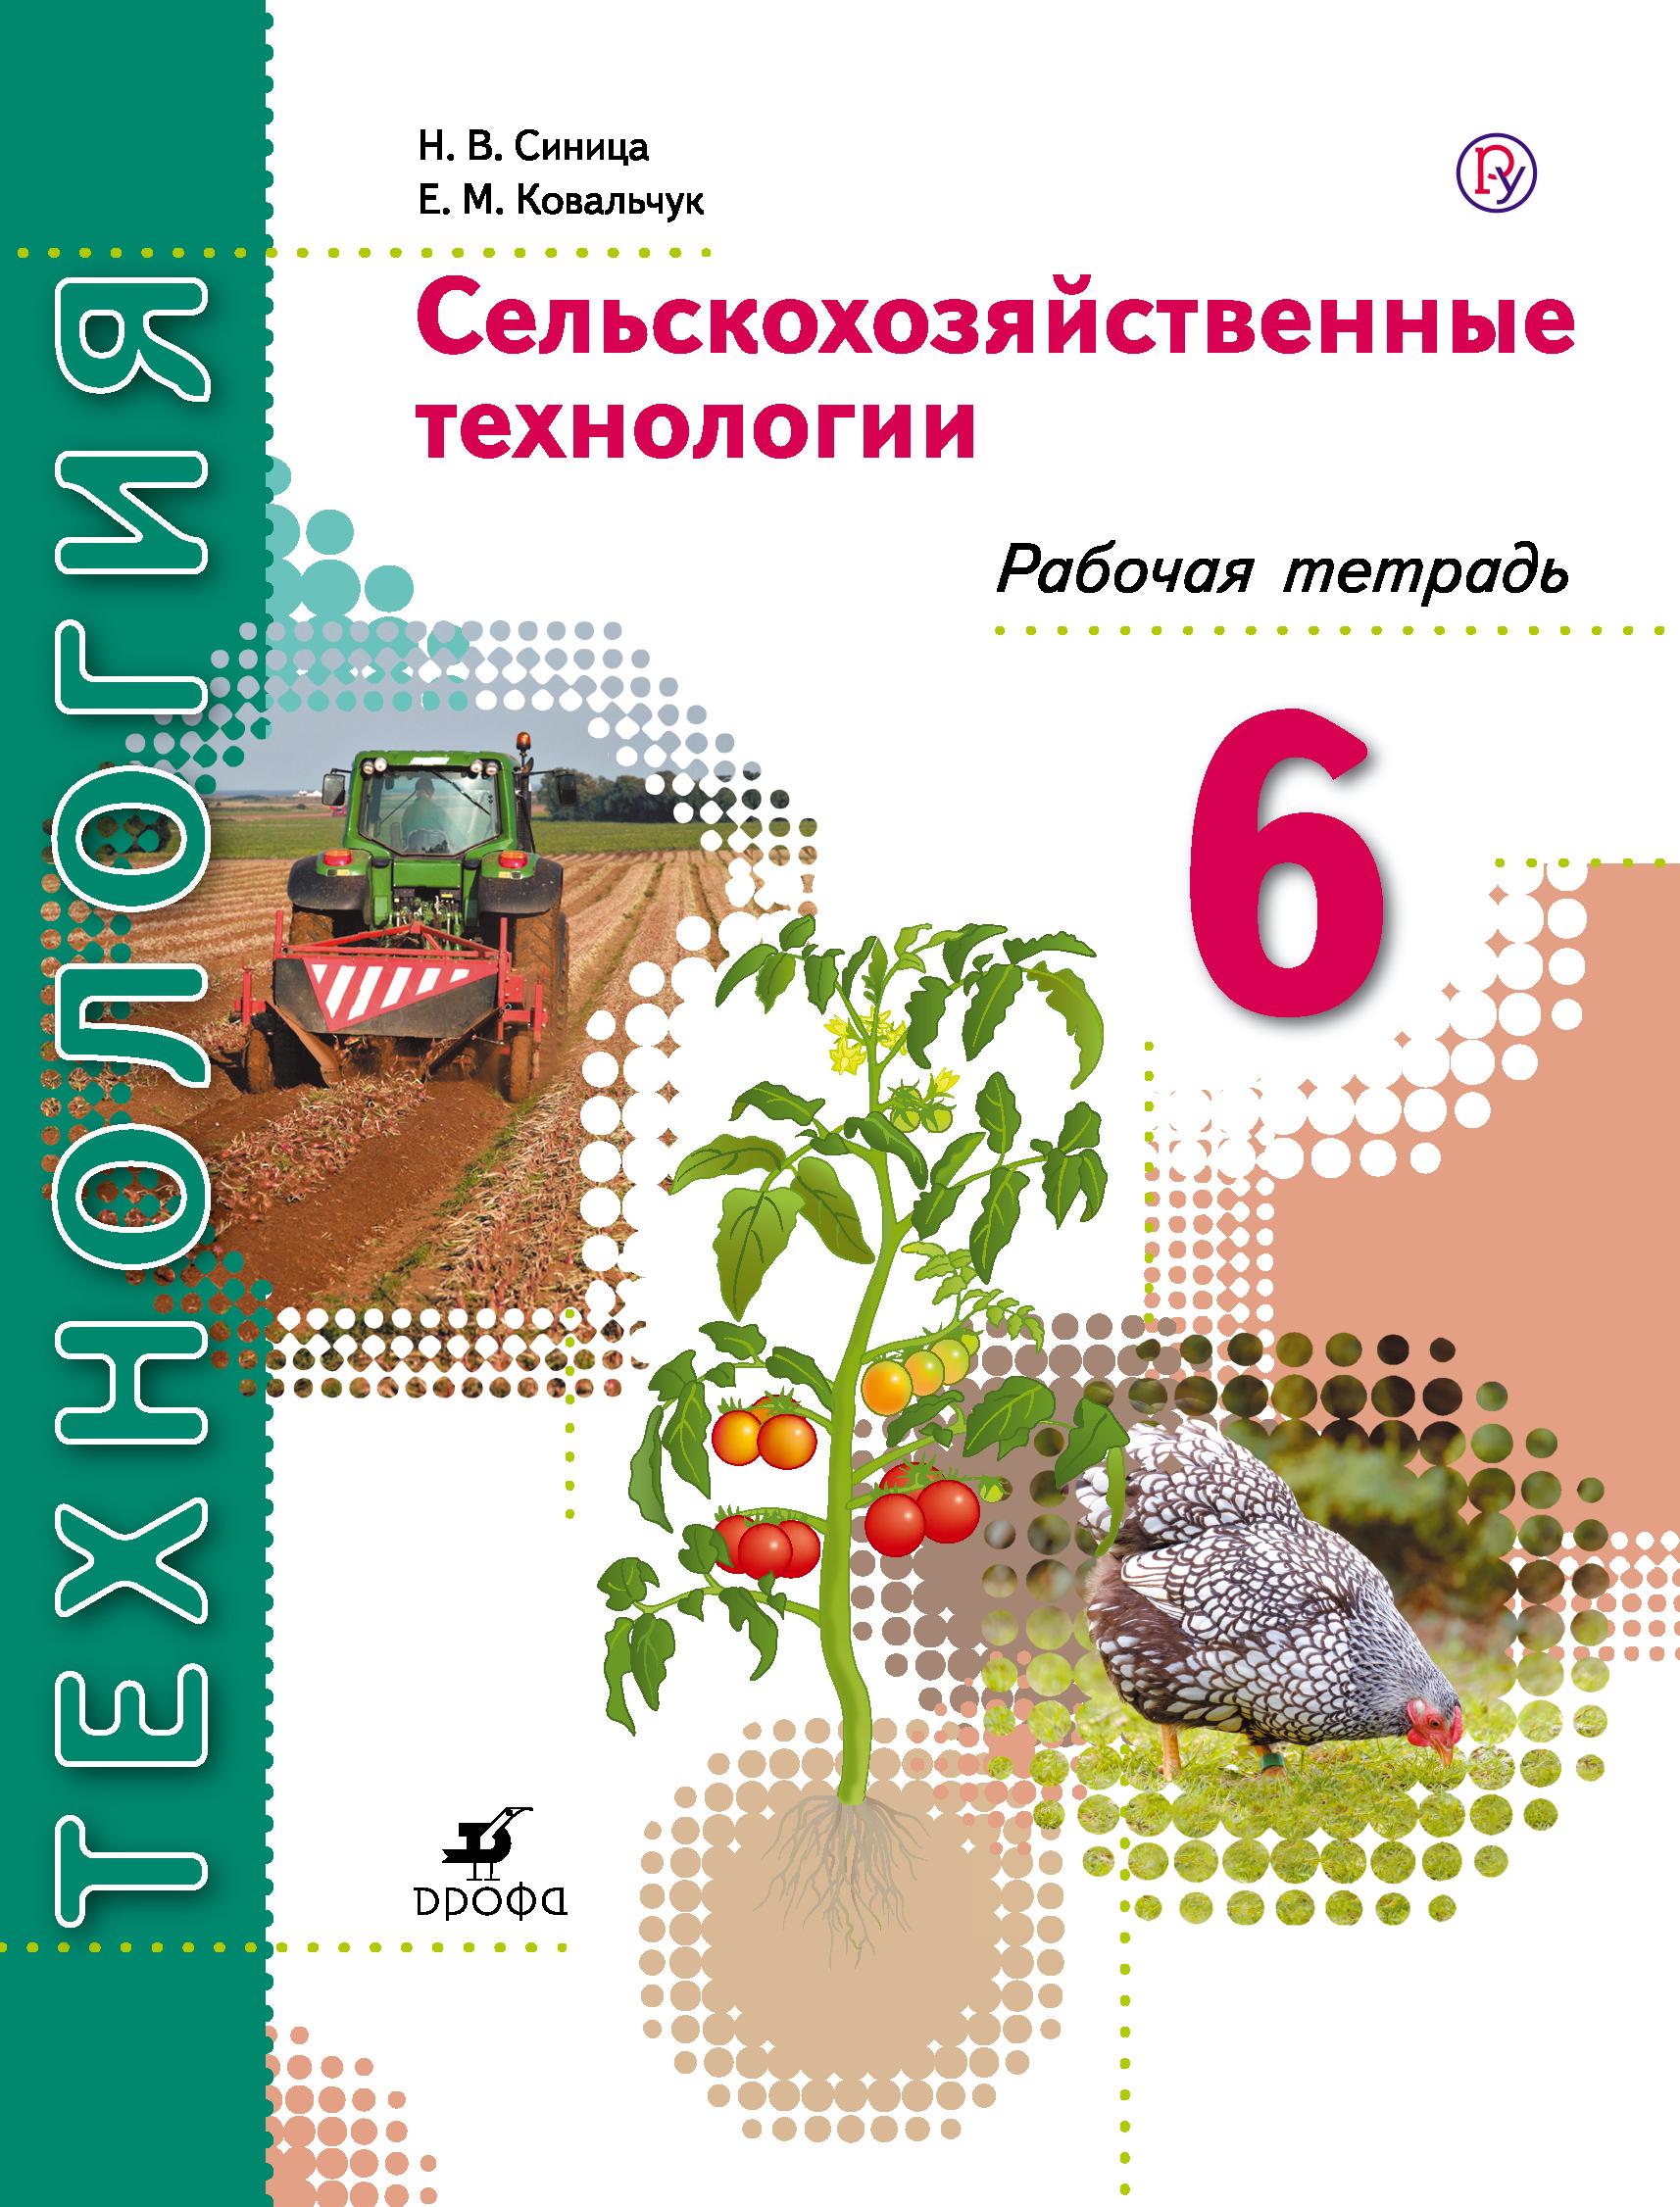 Синица Н.В., Ковальчук Е.М. Сельскохозяйственные технологии. 6 класс. Рабочая тетрадь.